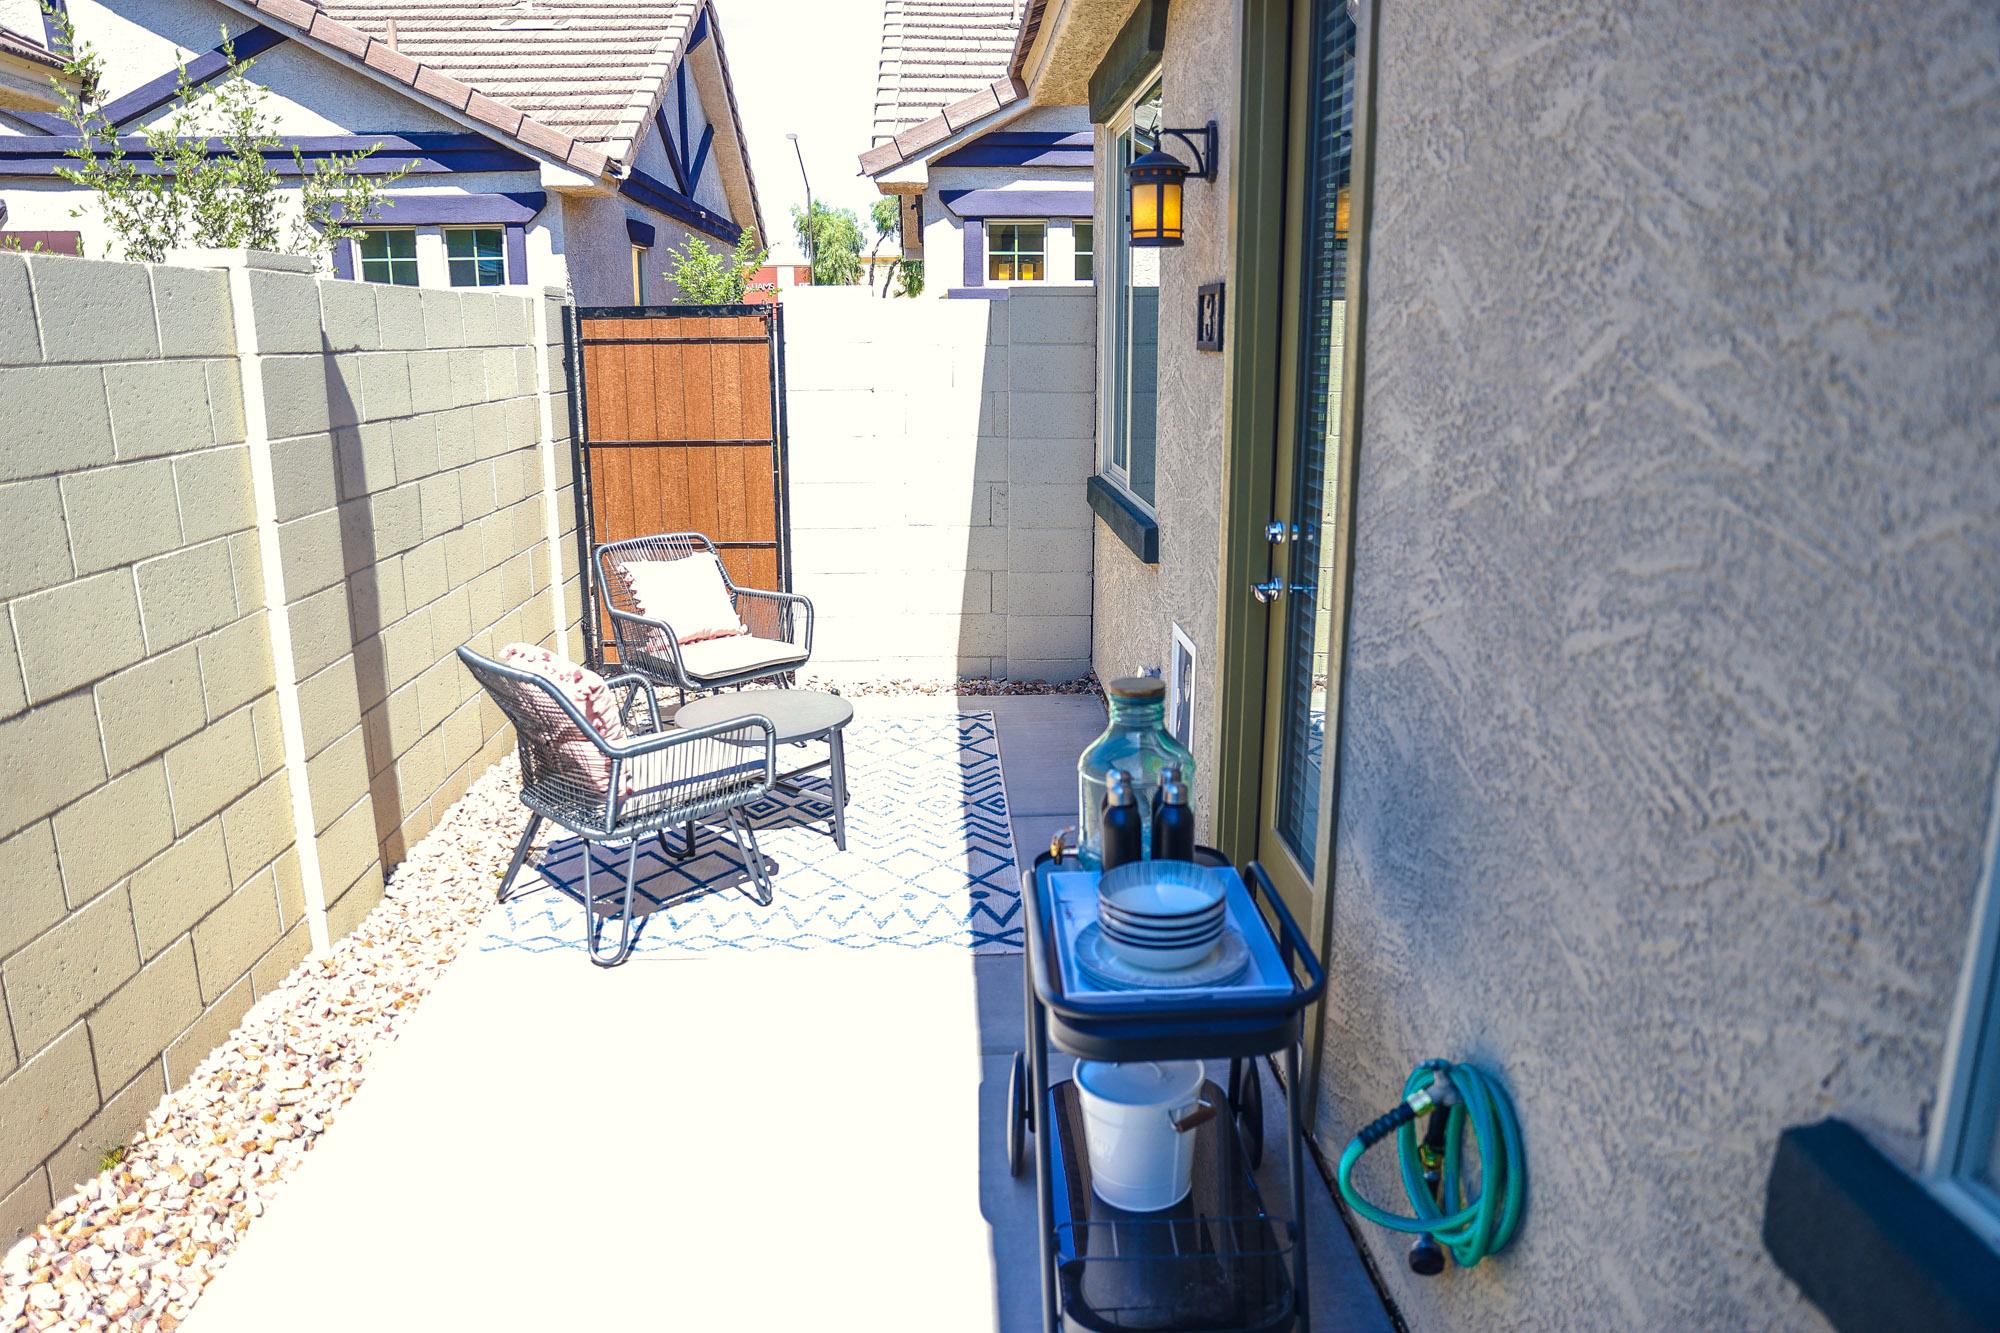 Private backyard at Village at Harvard Crossing Apartments in Goodyear, AZ